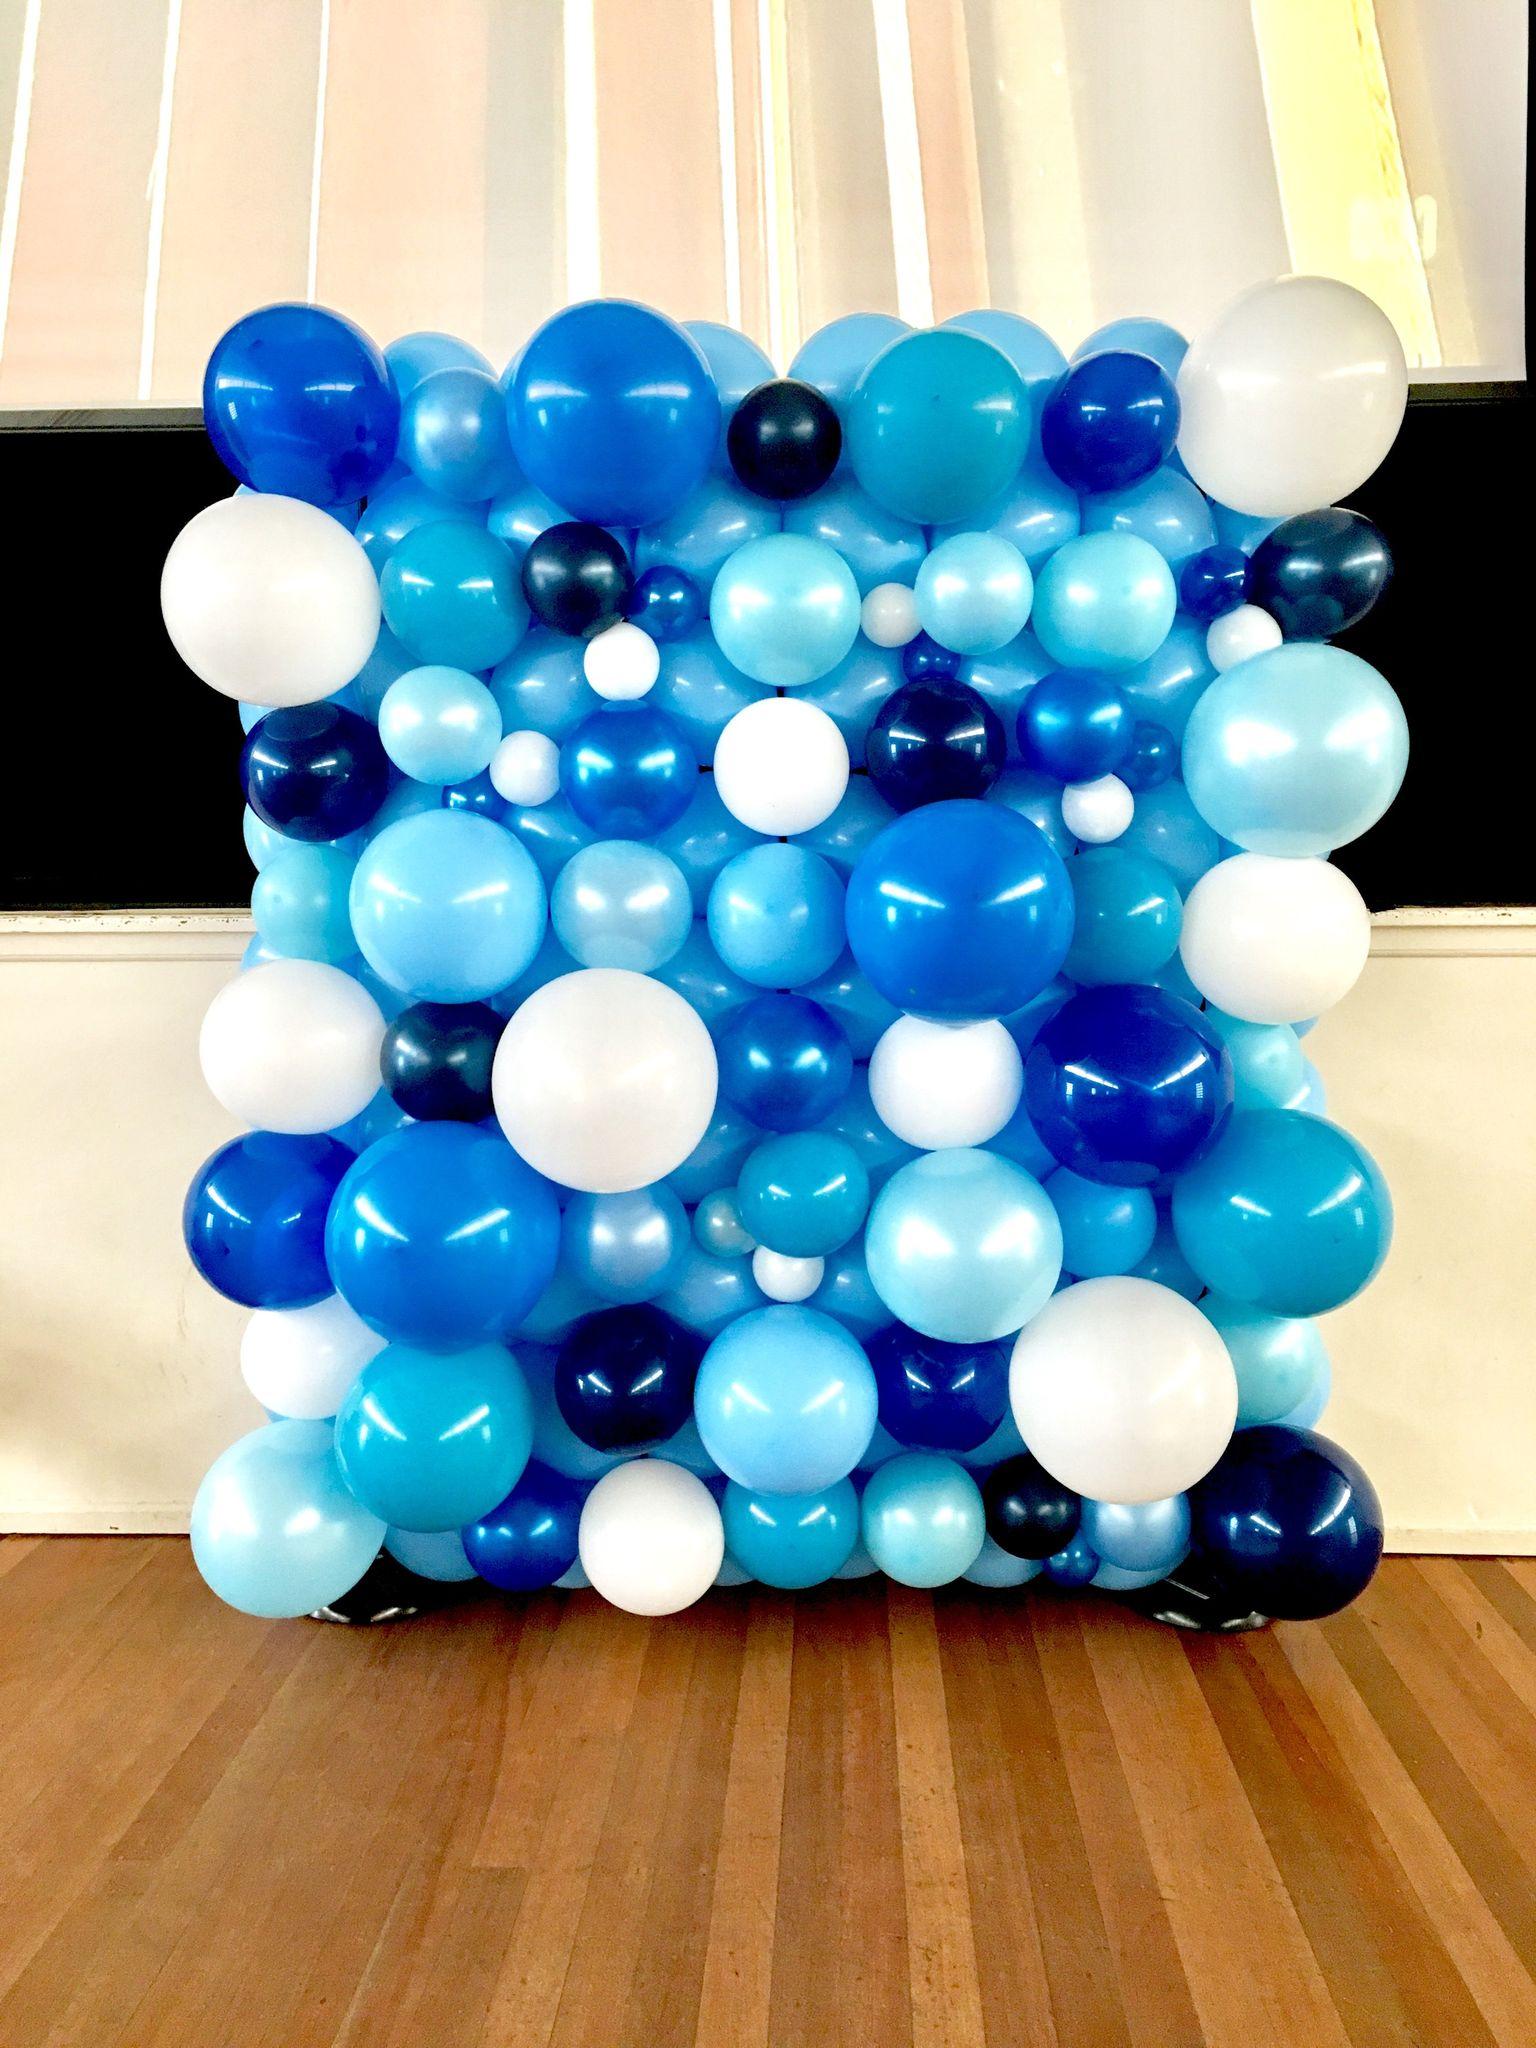 Панно из шаров Панно из воздушных шаров Бирюза fea69da07c61f906c9ea01c655b7eec2.jpg